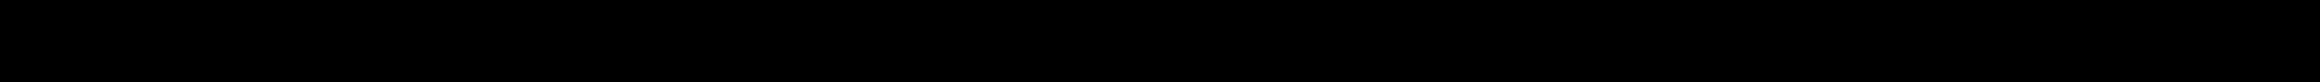 MANN-FILTER 68001297AA, K68001297AA, 1118 184, 1250 679, 510 9147 5 Ölfilter